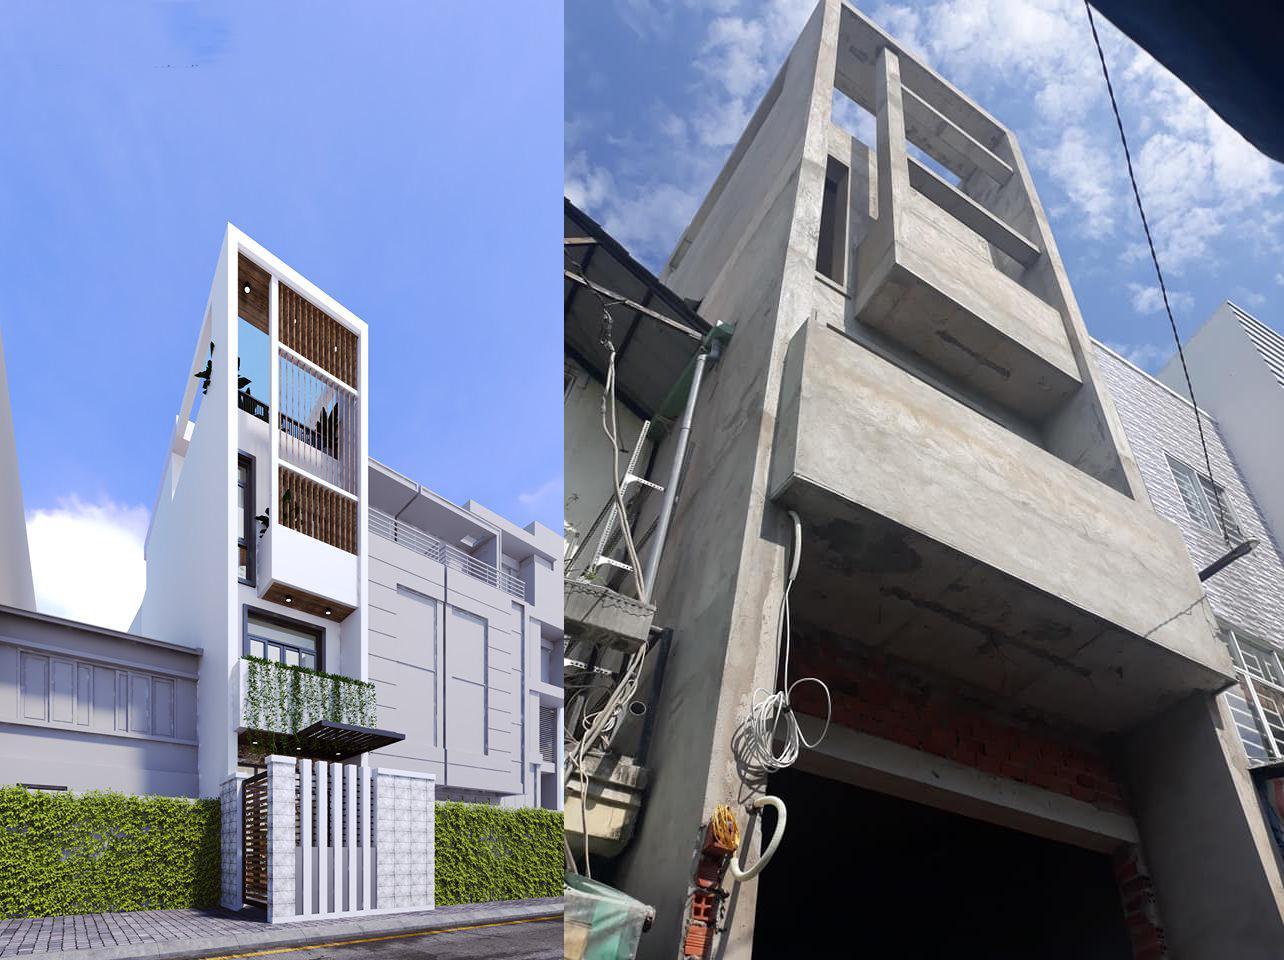 ảnh thiết kế và ảnh thực tế ngôi nhà